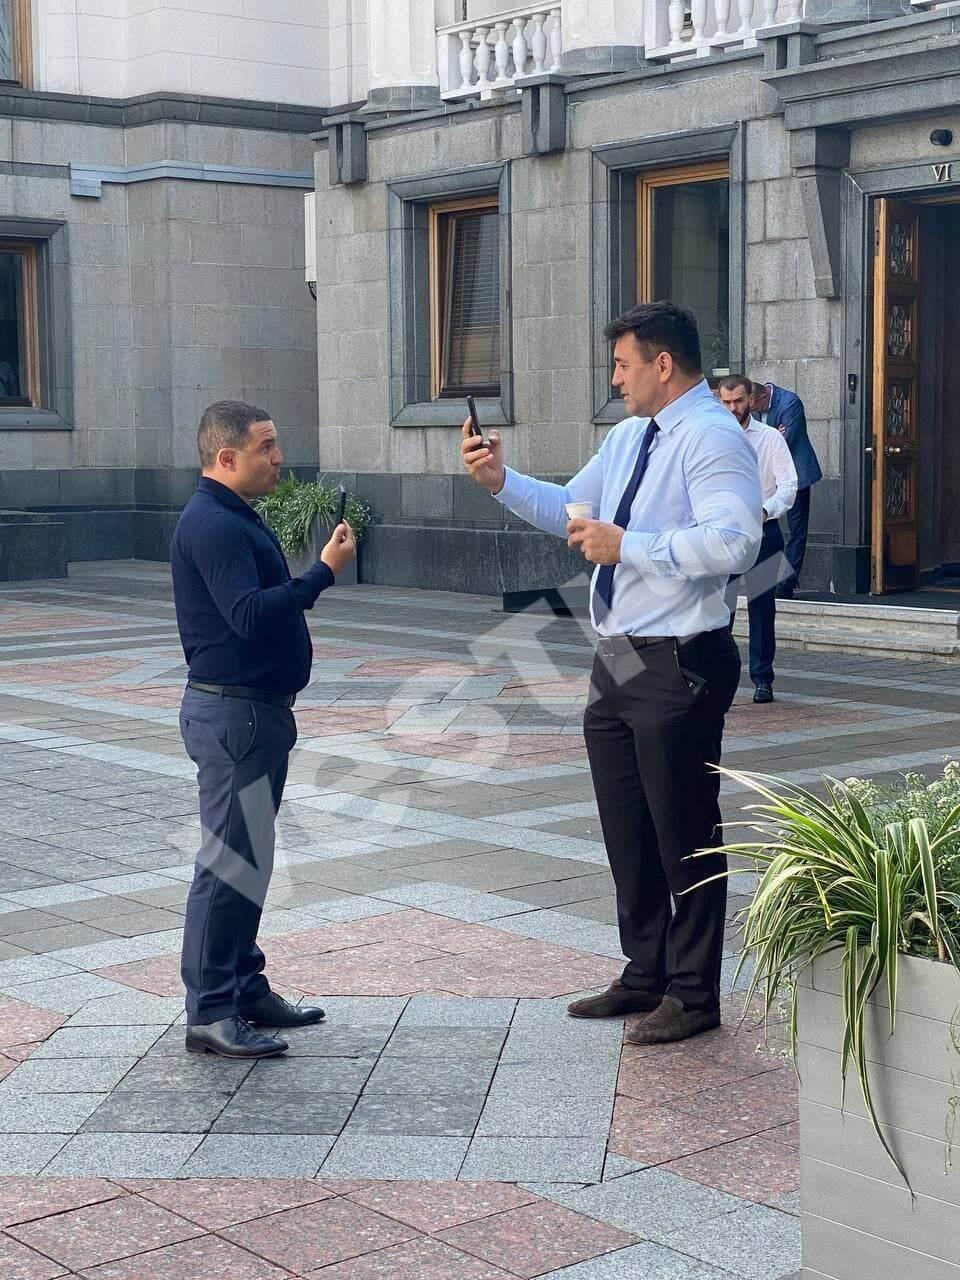 Куницький і Тищенко вийшли з будівлі ВР